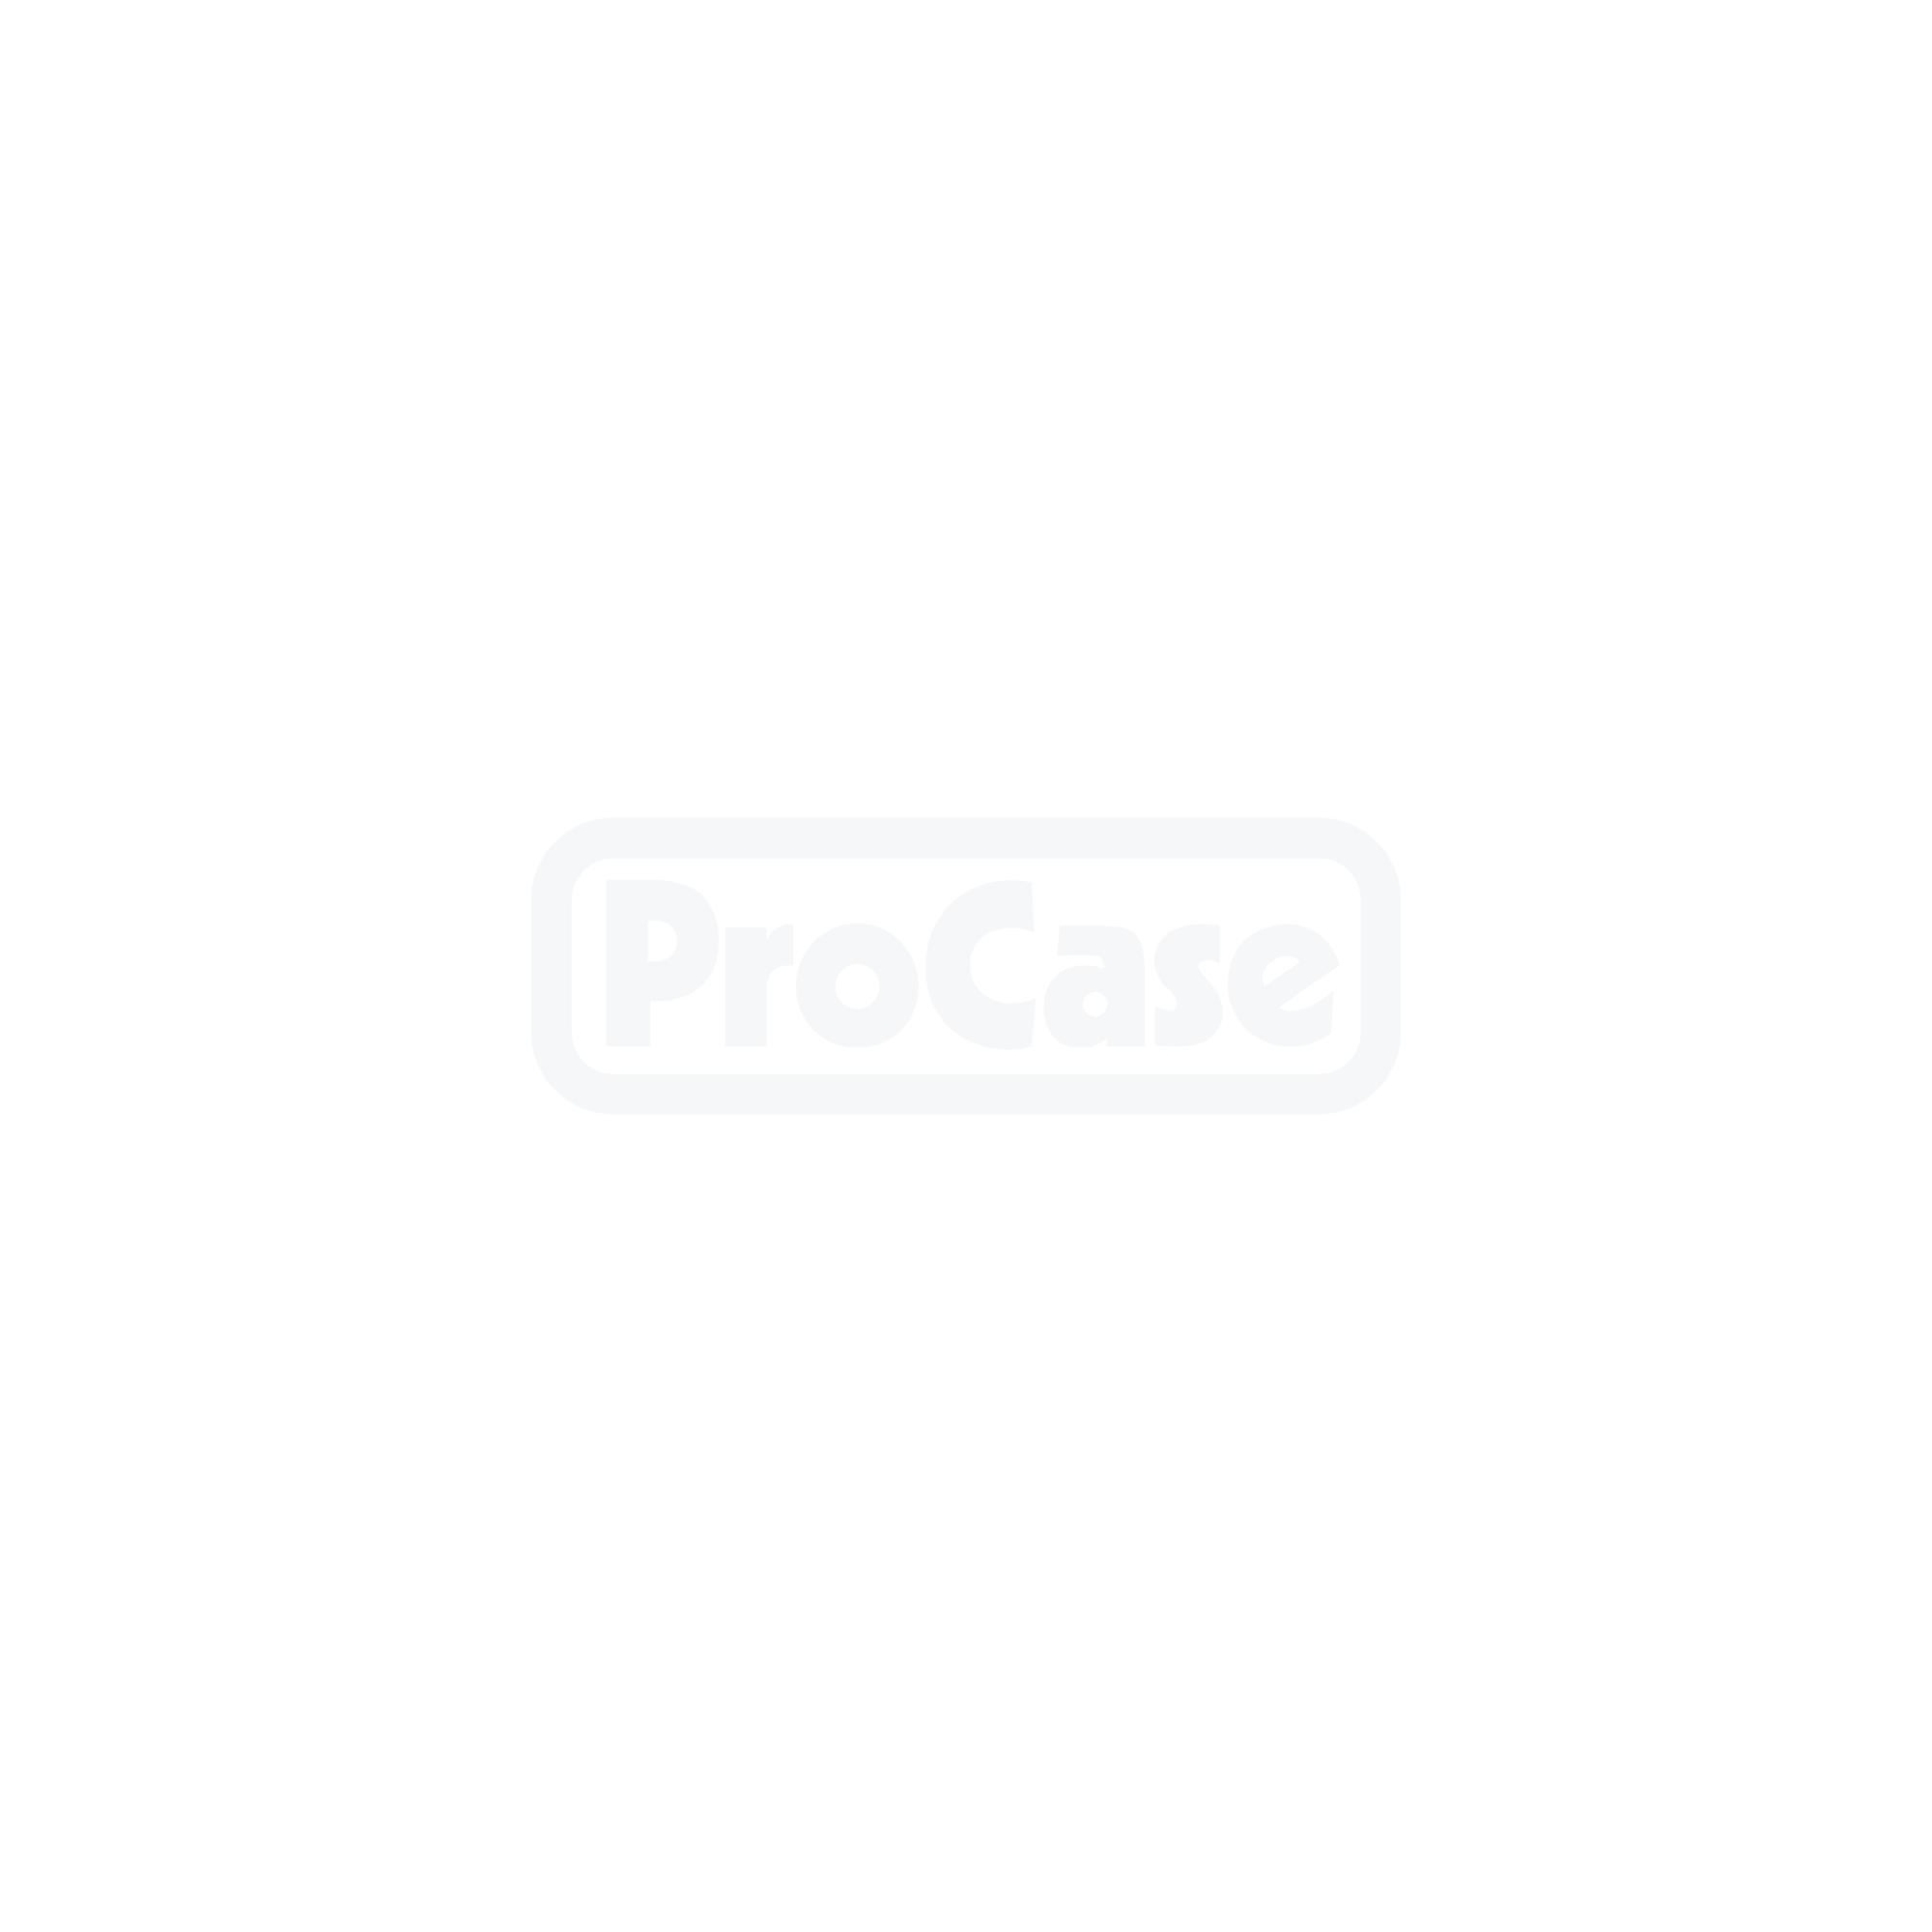 PackCase für Crestron DM-RMC-Scaler-S